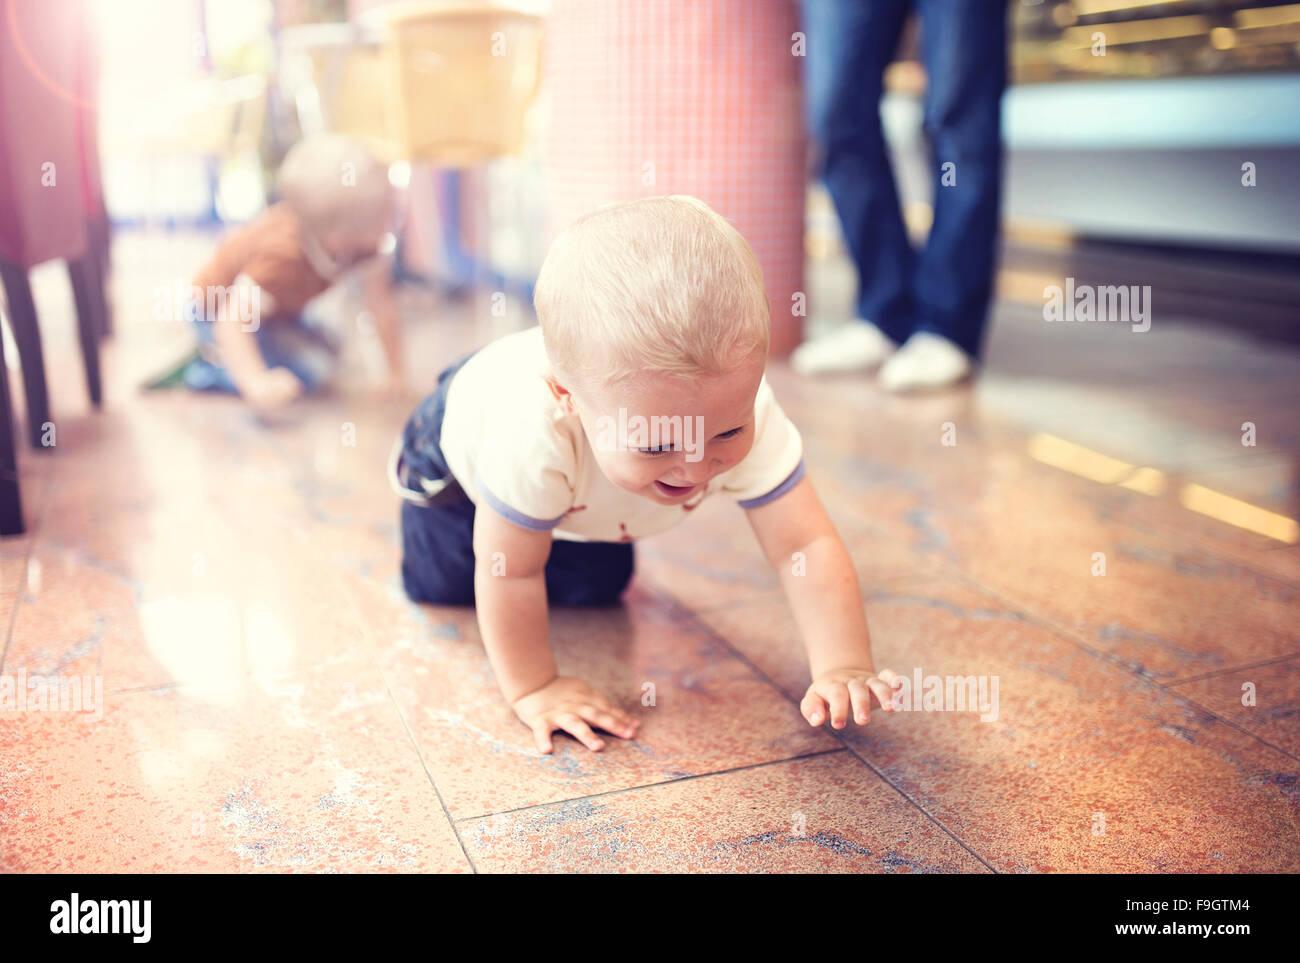 Kleiner Junge genießen ihre Zeit im café Stockbild